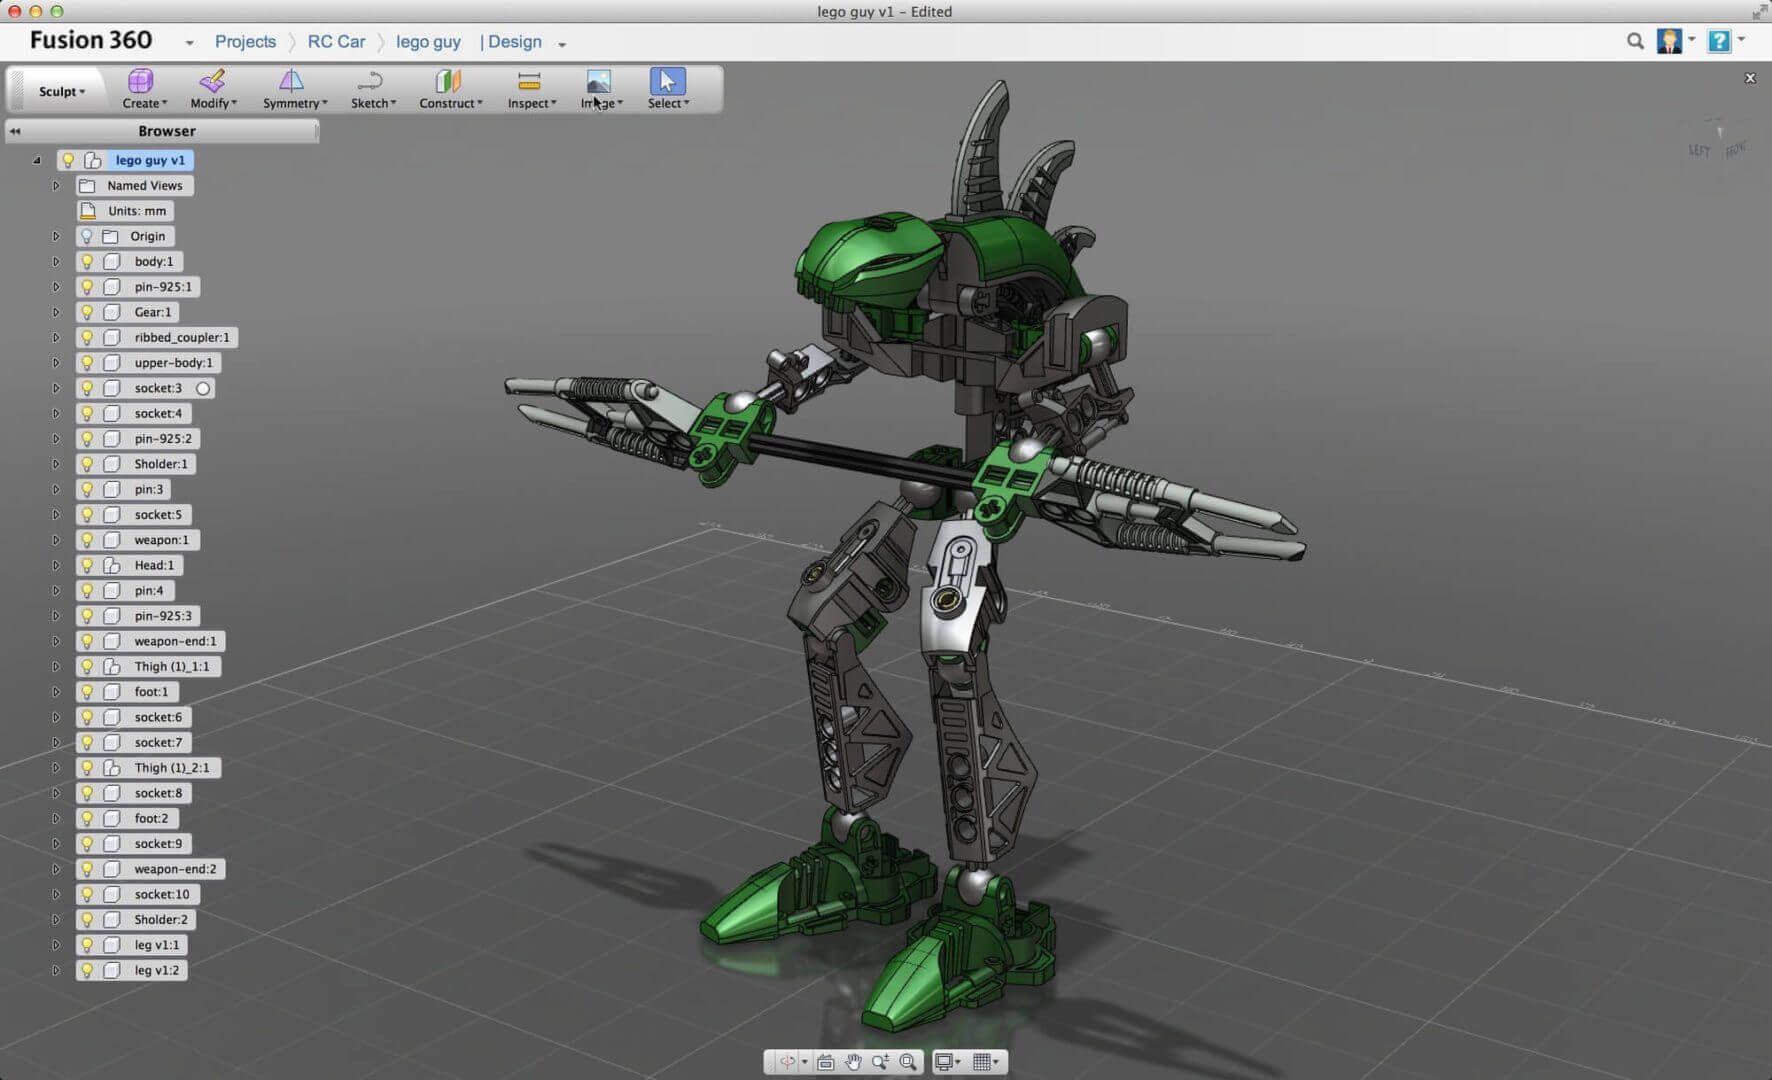 Best 3d Modeling Sofware 3d Design Software Free 3d Design Software Free 3d Modeling Software